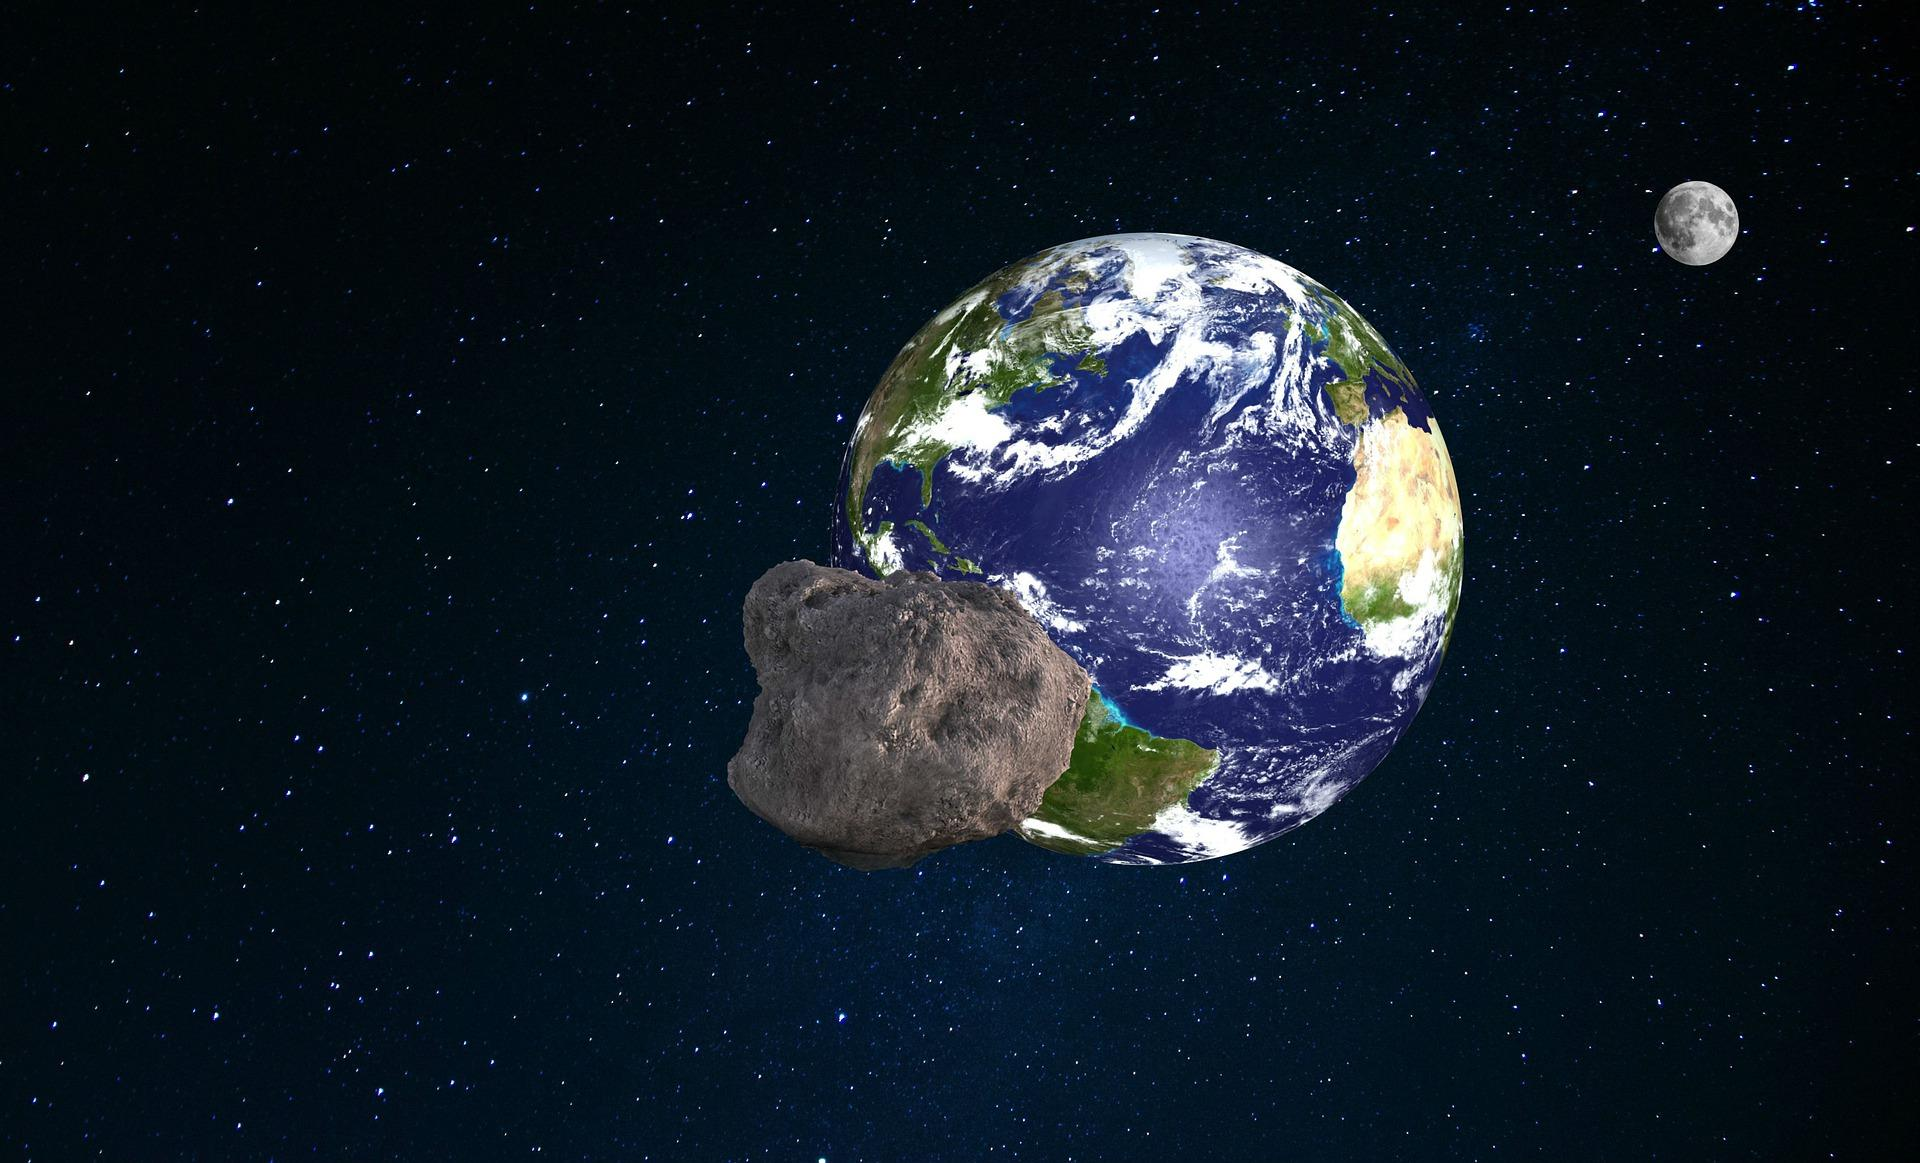 Огромный астероид пролетит мимо Земли. Планета непострадает, ночем чревато?